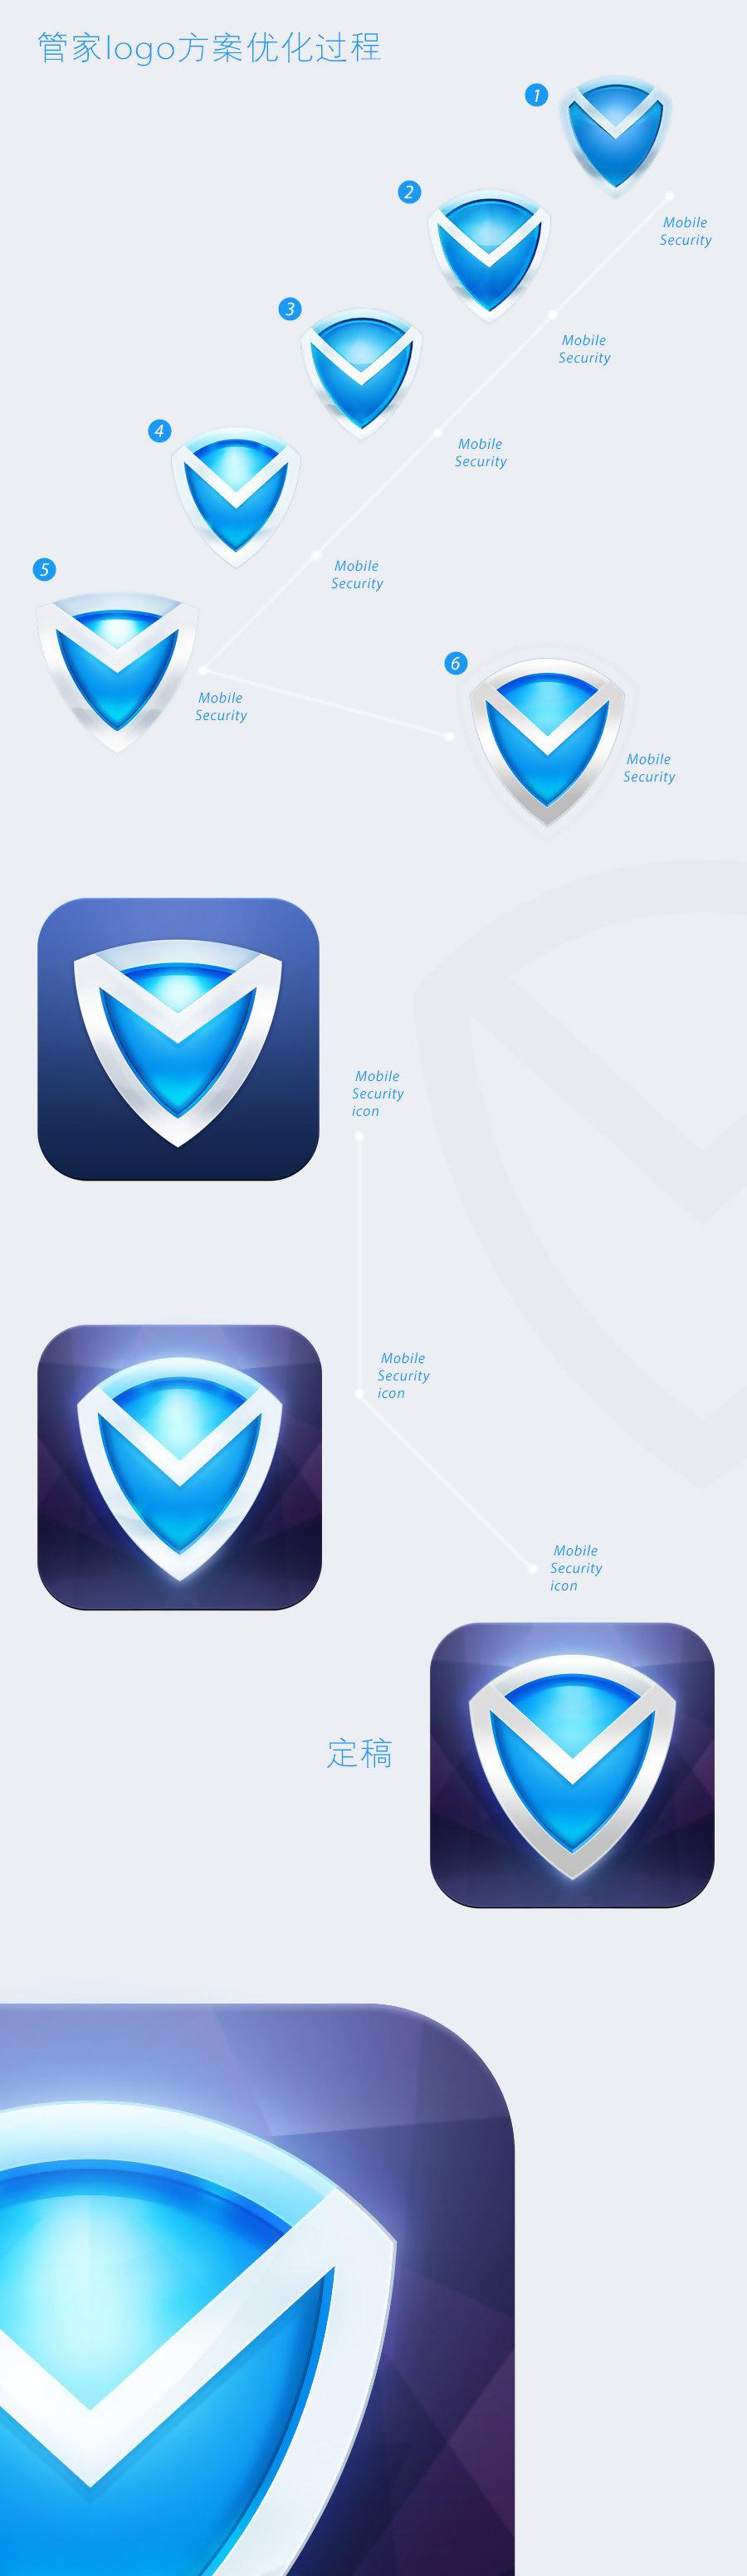 腾讯手机管家logo设计方案